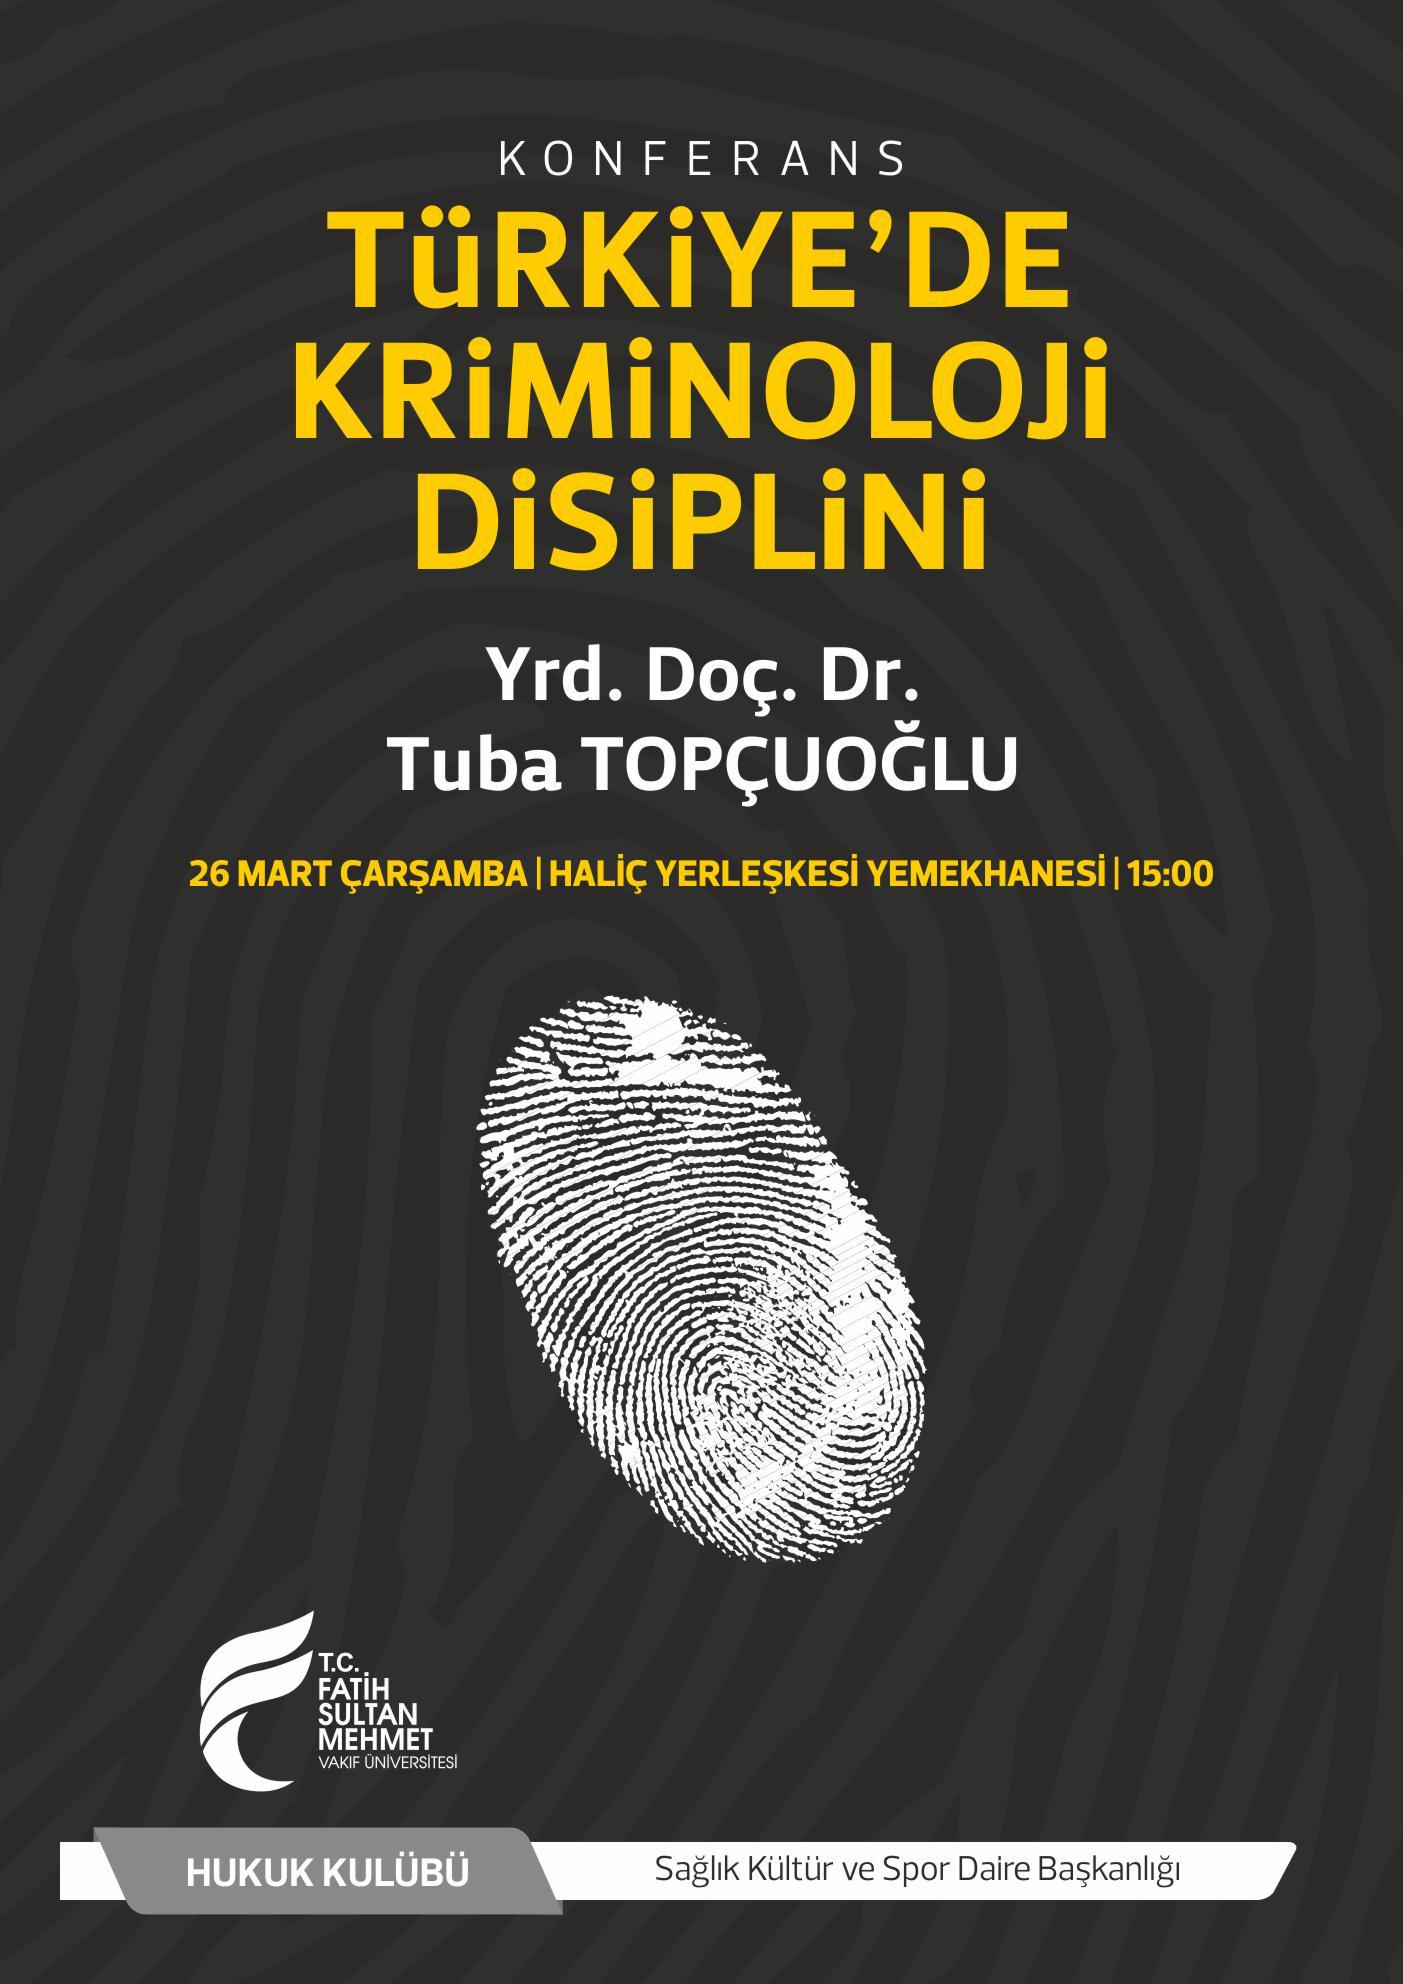 http://hukuk.fatihsultan.edu.tr/resimler/upload/Turkiyede-Kriminiloji-Disiplini-1310314.jpg